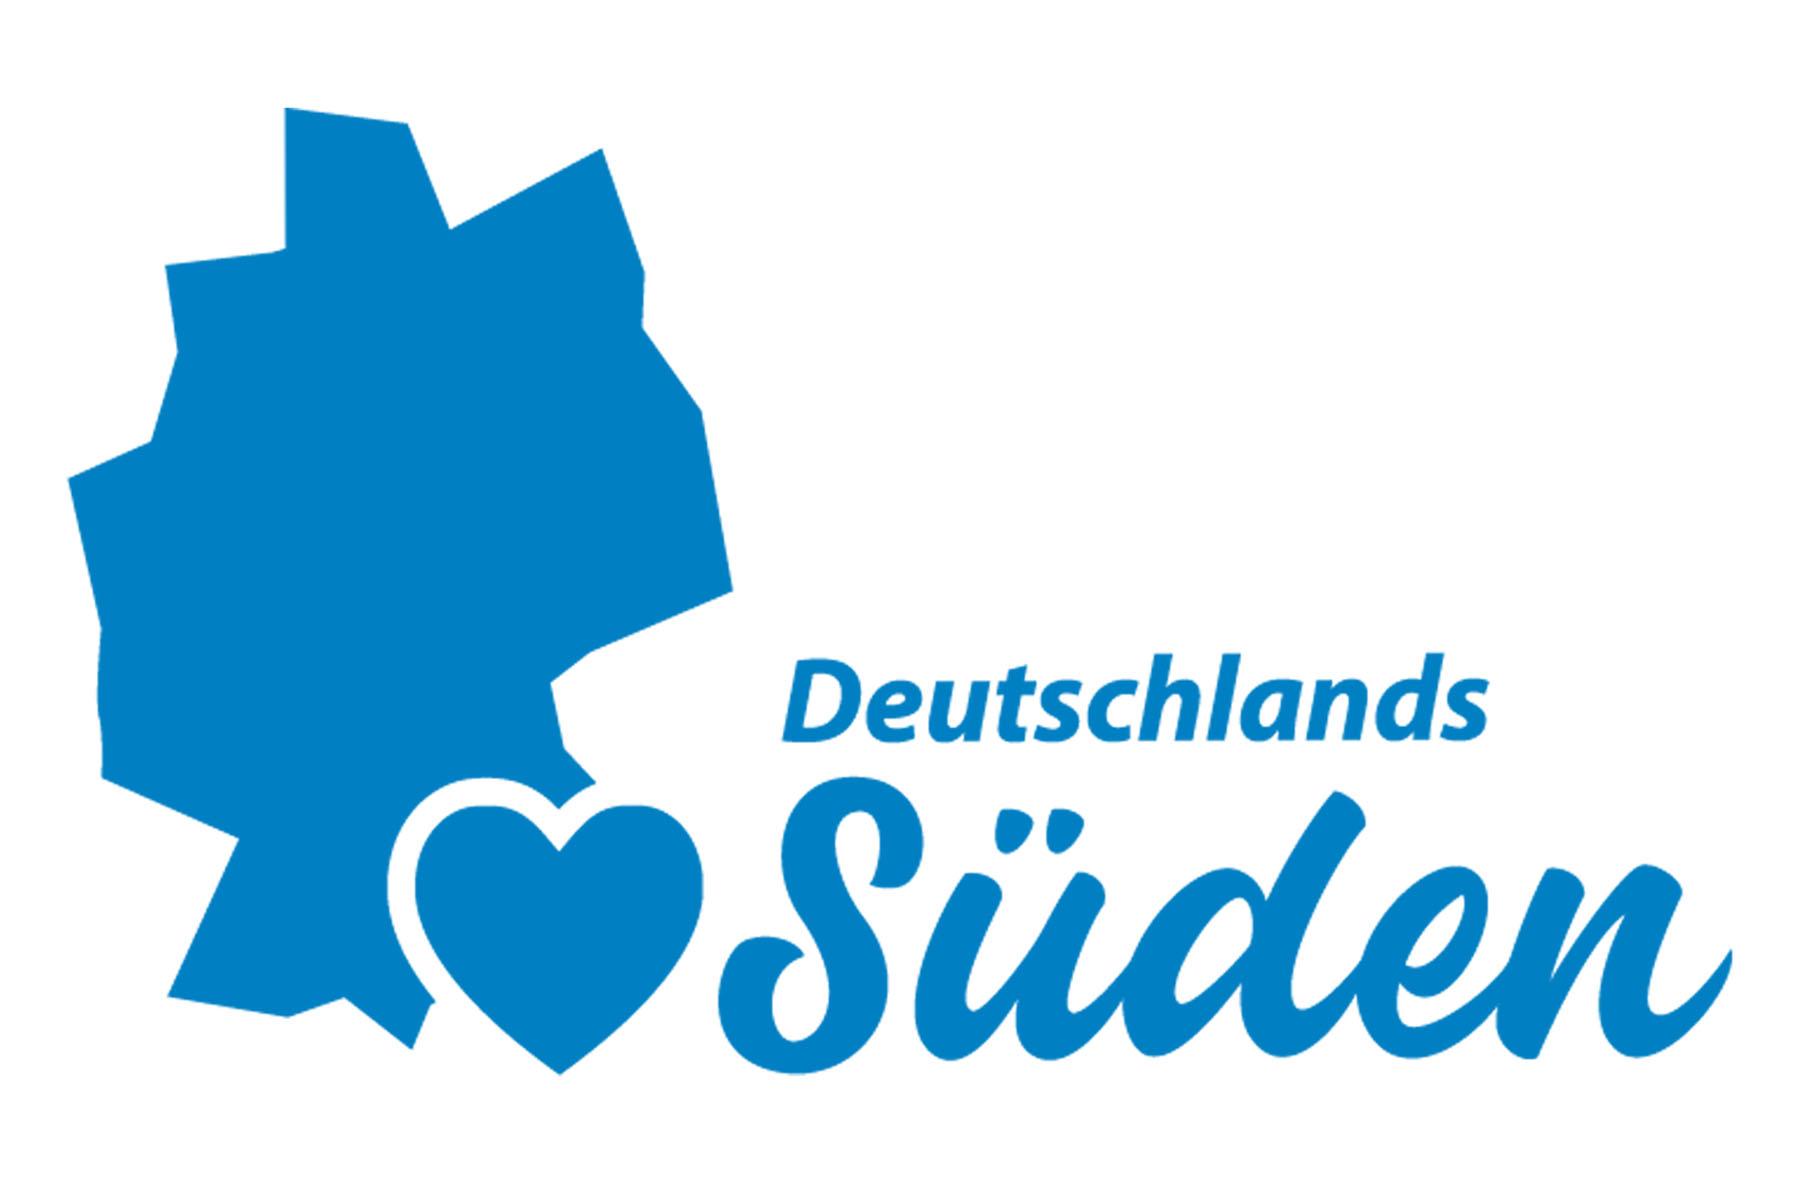 deutschlands-sueden-logo.jpg